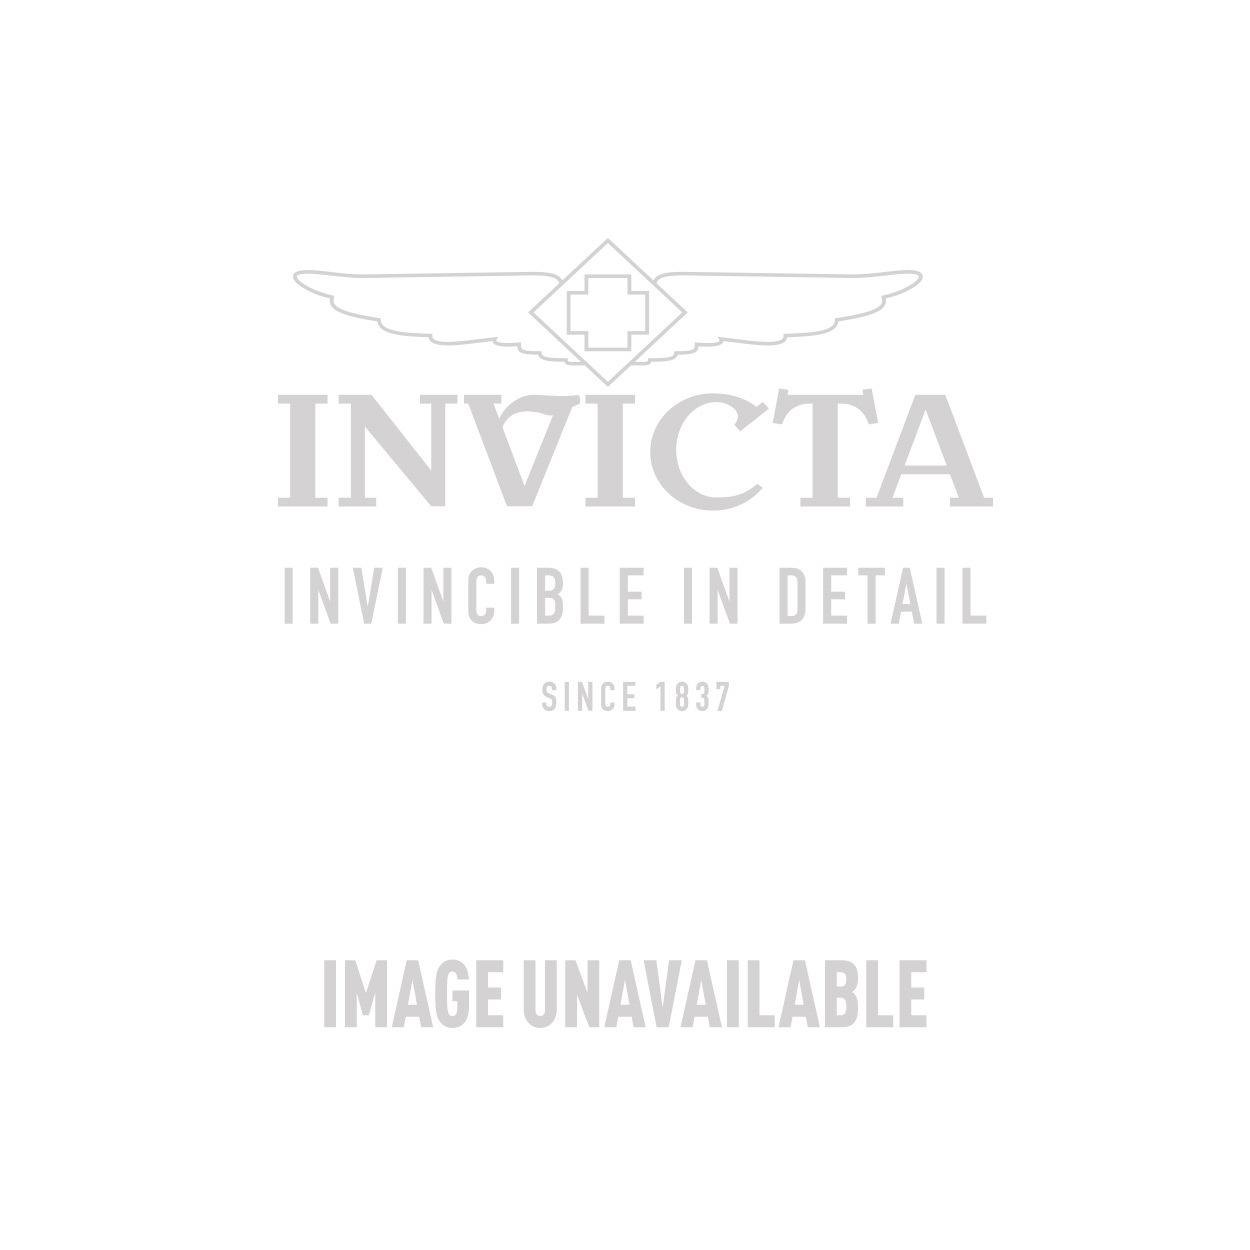 2836cb80756 Invicta Subaqua Mens Quartz 52mm Black